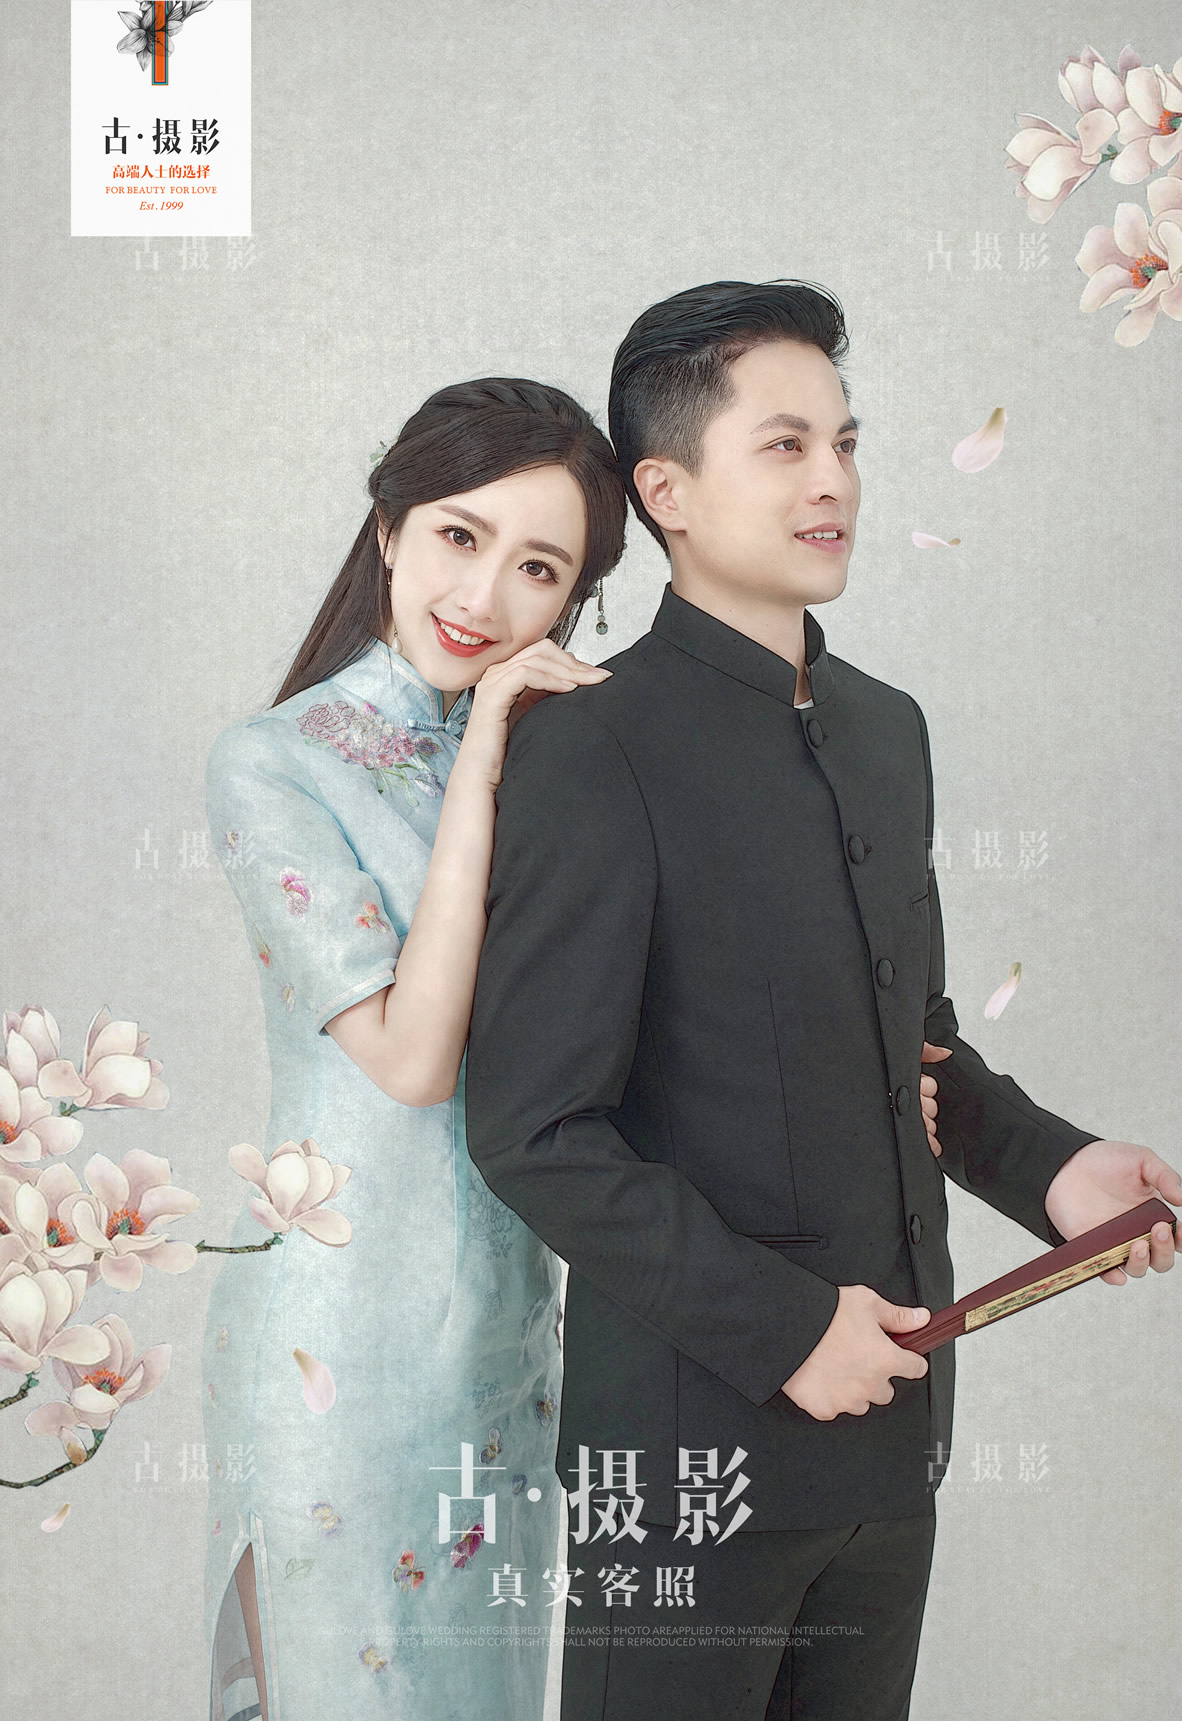 1月31日客片卢先生 曹小姐 - 每日客照 - love上海古摄影-上海婚纱摄影网